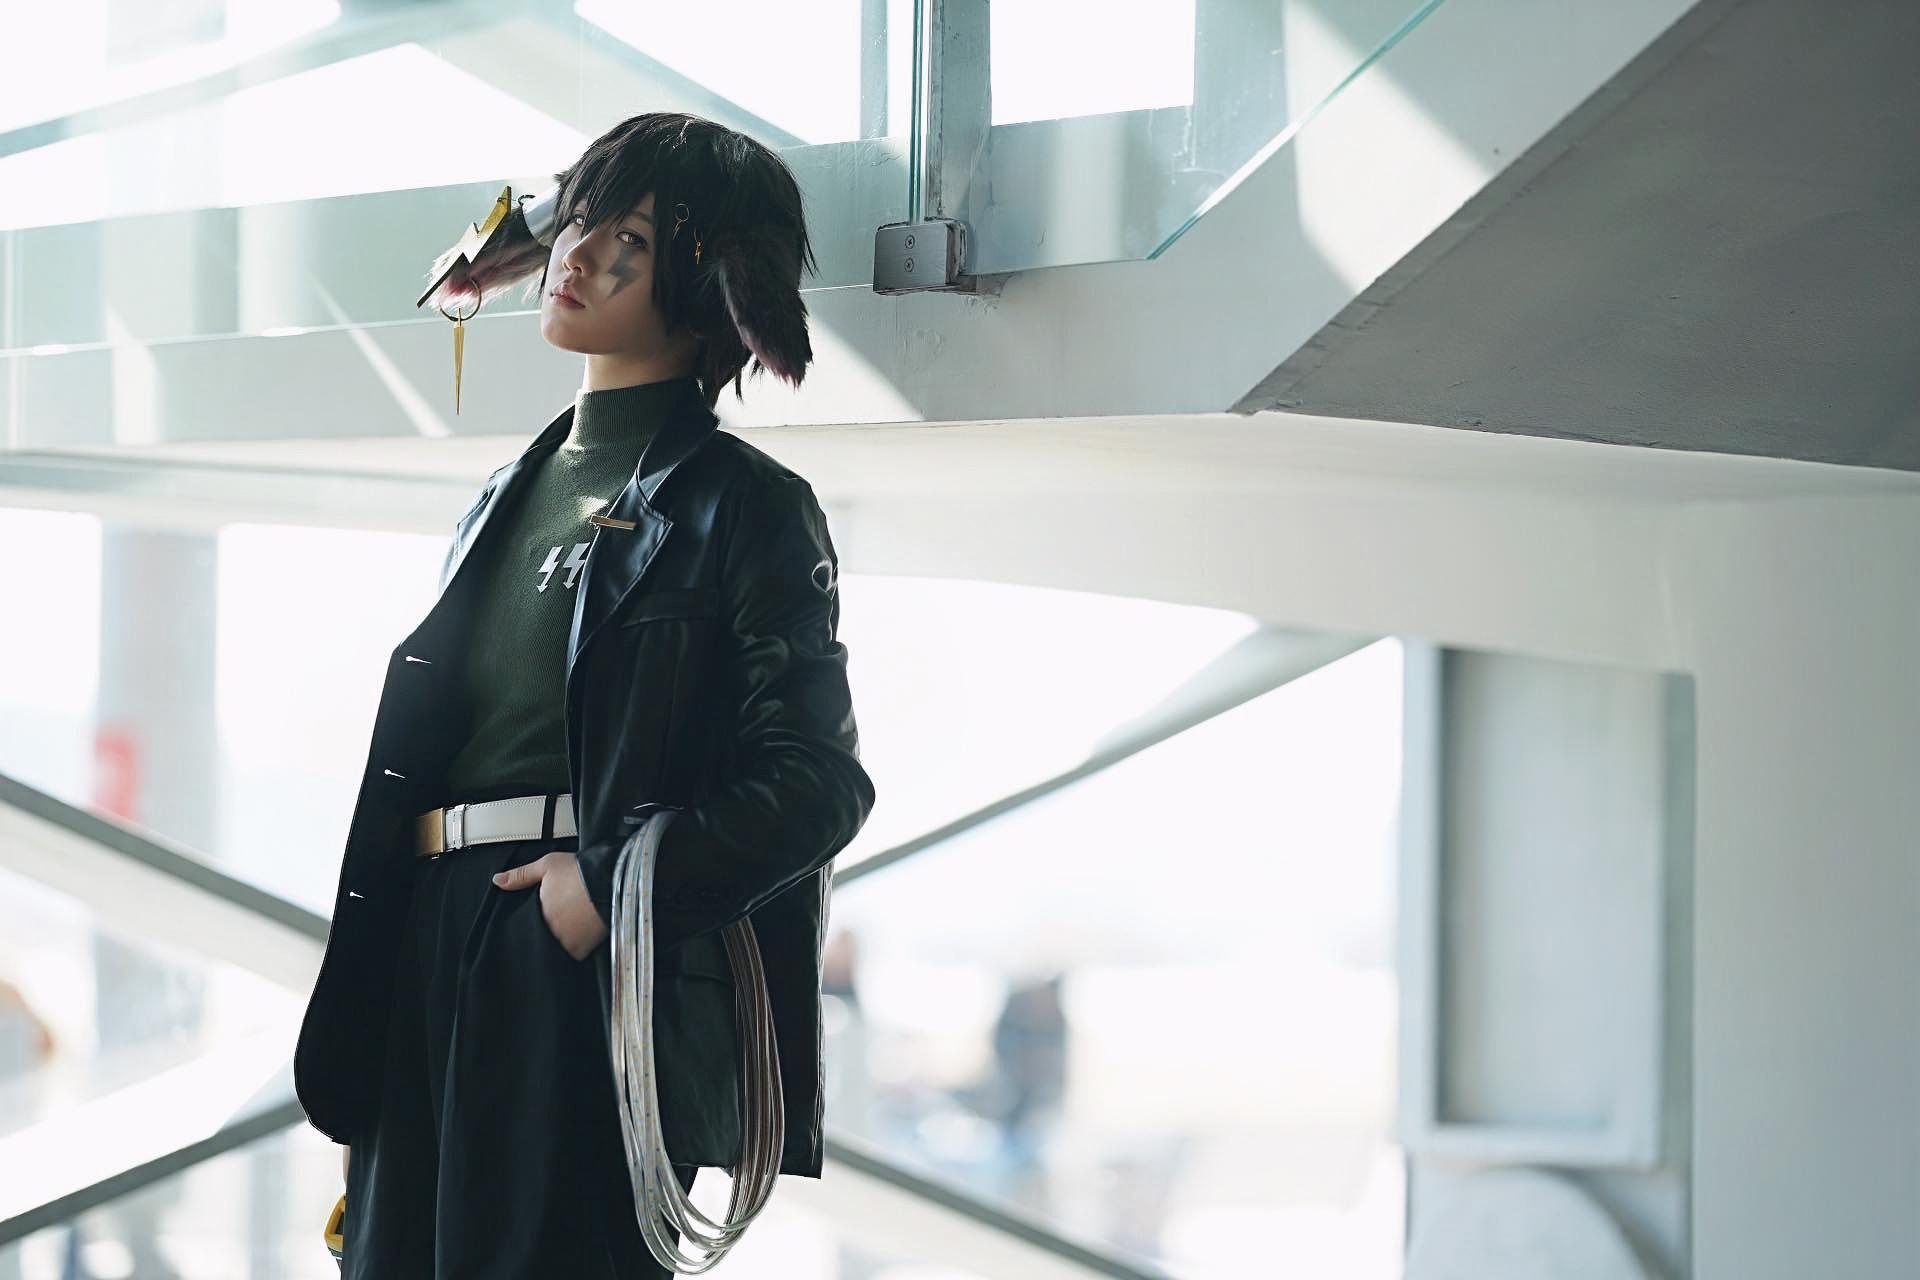 《明日方舟》漫展cosplay【CN:ystem_Yin】-第1张